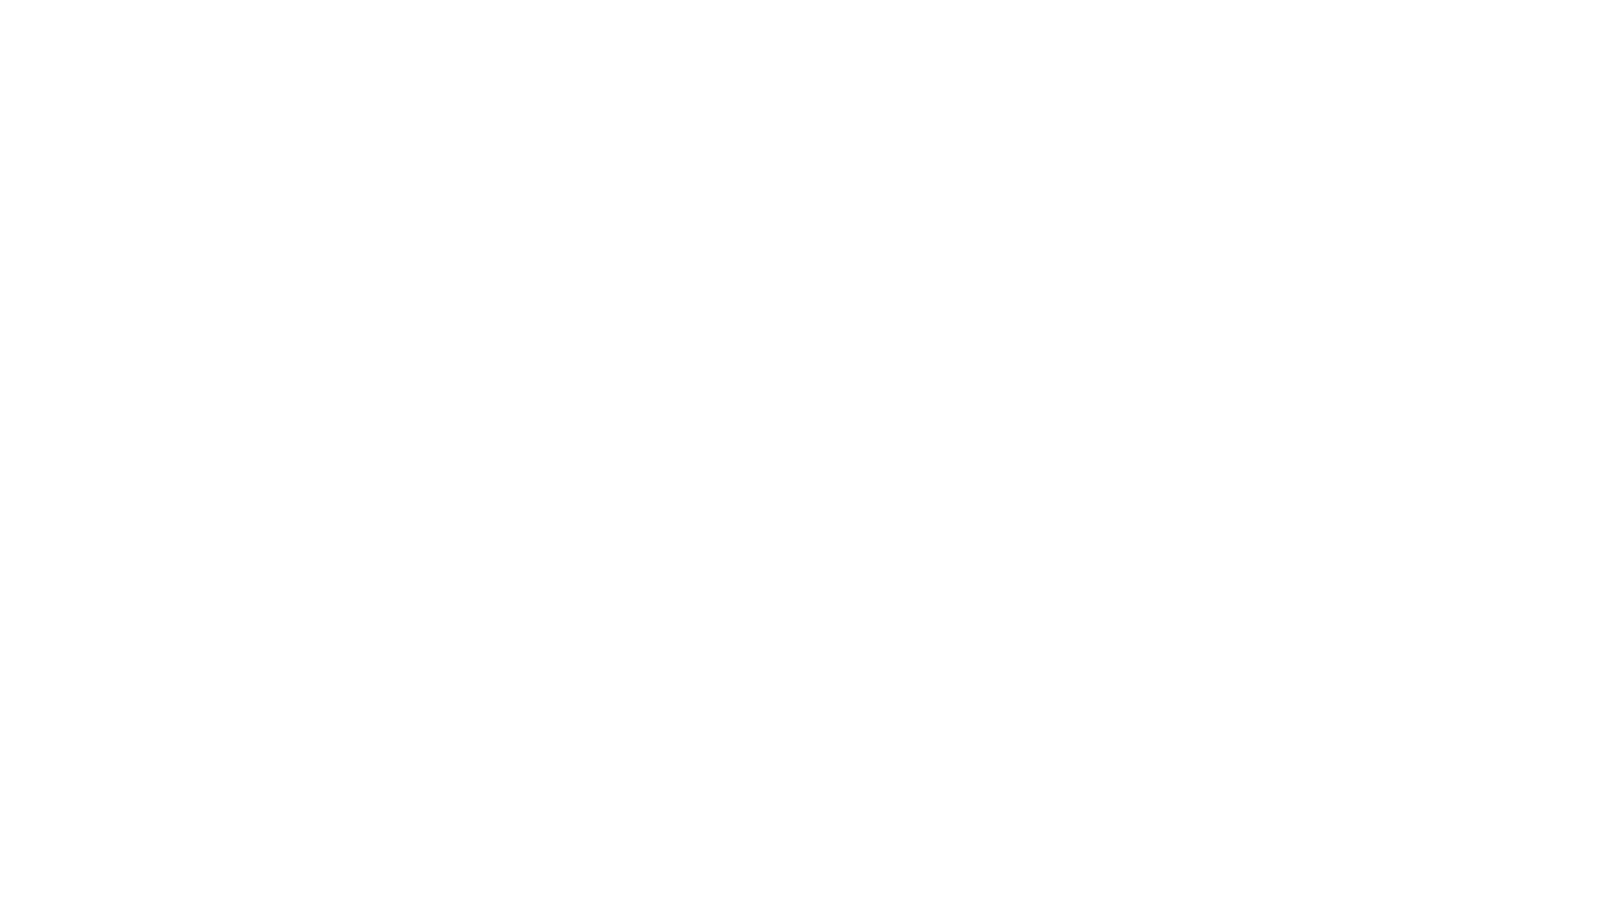 Elabore um plano de ação com objetivos, metas e iniciativas no longo prazo, considerando sua posição no setor, suas habilidades e seus recursos com a Planilha de Planejamento Estratégico.  Todas organizações devem planejar seu futuro e a grande maioria tem objetivos, sejam eles explícitos ou não. No entanto são poucas as organizações nas quais se encontram planos estratégicos, com uma avaliação aprofundada da situação atual, formulação de estratégia, acompanhamento da execução do trabalho e retroação do sistema de planejamento.  Quando não temos um sistema de planejamento ficamos sem respostas para perguntas como: - Como a minha organização quer estar num futuro próximo? Onde queremos chegar? - Quais são as forças que me auxiliam nesta jornada e quais as fraquezas que poderão me gerar dificuldades? - Como os concorrentes, a economia do pais, as decisões do governo e a sociedade como um todo, poderão influenciar minha empresa nos próximos períodos? - Que objetivos e metas devo ter para chegar à minha situação futura desejada? Como poderei medir esta trajetória?  Link do material: https://resultar.com.br/produto/planilha-de-planejamento-estrategico/  - Loja http://resultar.com.br/loja - Blog https://resultar.com.br/blog - Facebook https://www.facebook.com/resultargestao - Instagram https://www.instagram.com/resultargestao